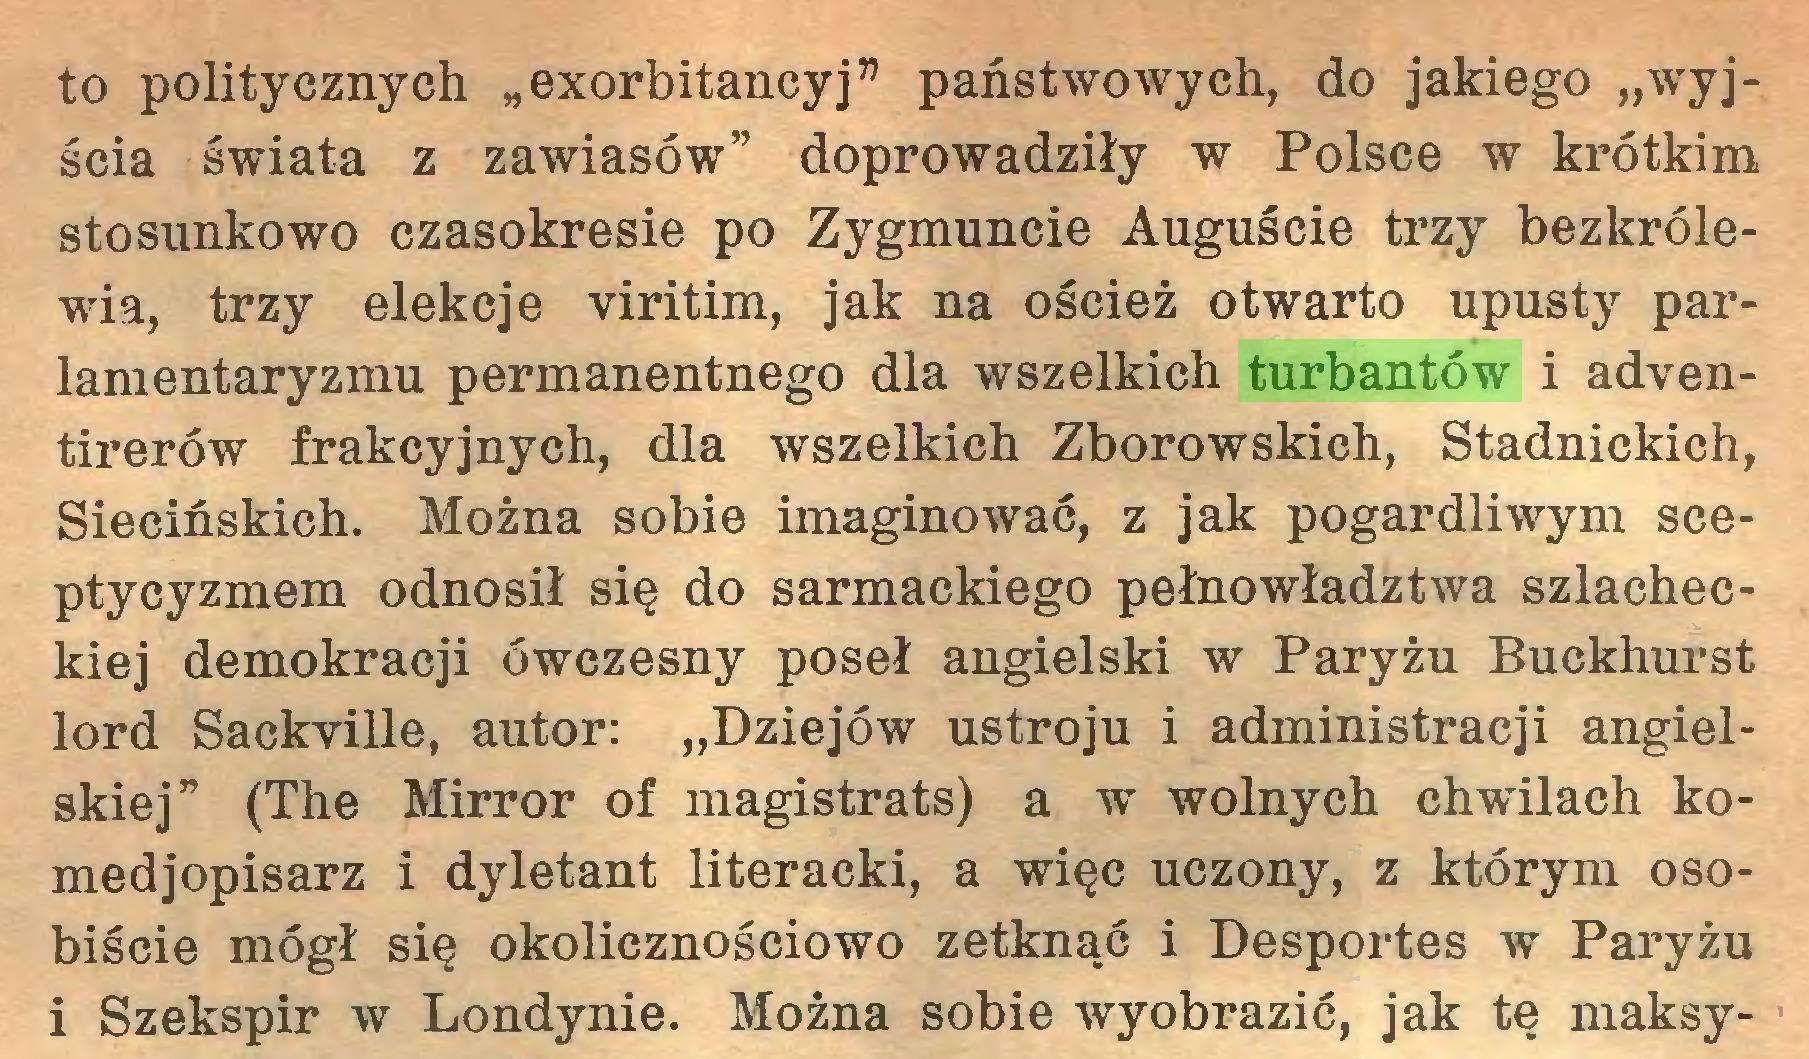 """(...) to politycznych """" exorbitancy j"""" państwowych, do jakiego """"wyjścia świata z zawiasów"""" doprowadziły w Polsce w krótkim stosunkowo czasokresie po Zygmuncie Auguście trzy bezkrólewia, trzy elekcje viritim, jak na oścież otwarto upusty parlamentaryzmu permanentnego dla wszelkich turbantów i adventirerów frakcyjnych, dla wszelkich Zborowskich, Stadnickich, Siecińskich. Można sobie imaginować, z jak pogardliwym sceptycyzmem odnosił się do sarmackiego pełno władztwa szlacheckiej demokracji ówczesny poseł angielski w Paryżu Buckhurst lord Sackville, autor: """"Dziejów ustroju i administracji angielskiej"""" (The Mirror of magistrats) a w wolnych chwilach komedjopisarz i dyletant literacki, a więc uczony, z którym osobiście mógł się okolicznościowo zetknąć i Desportes w Paryżu i Szekspir w Londynie. Można sobie wyobrazić, jak tę maksy..."""